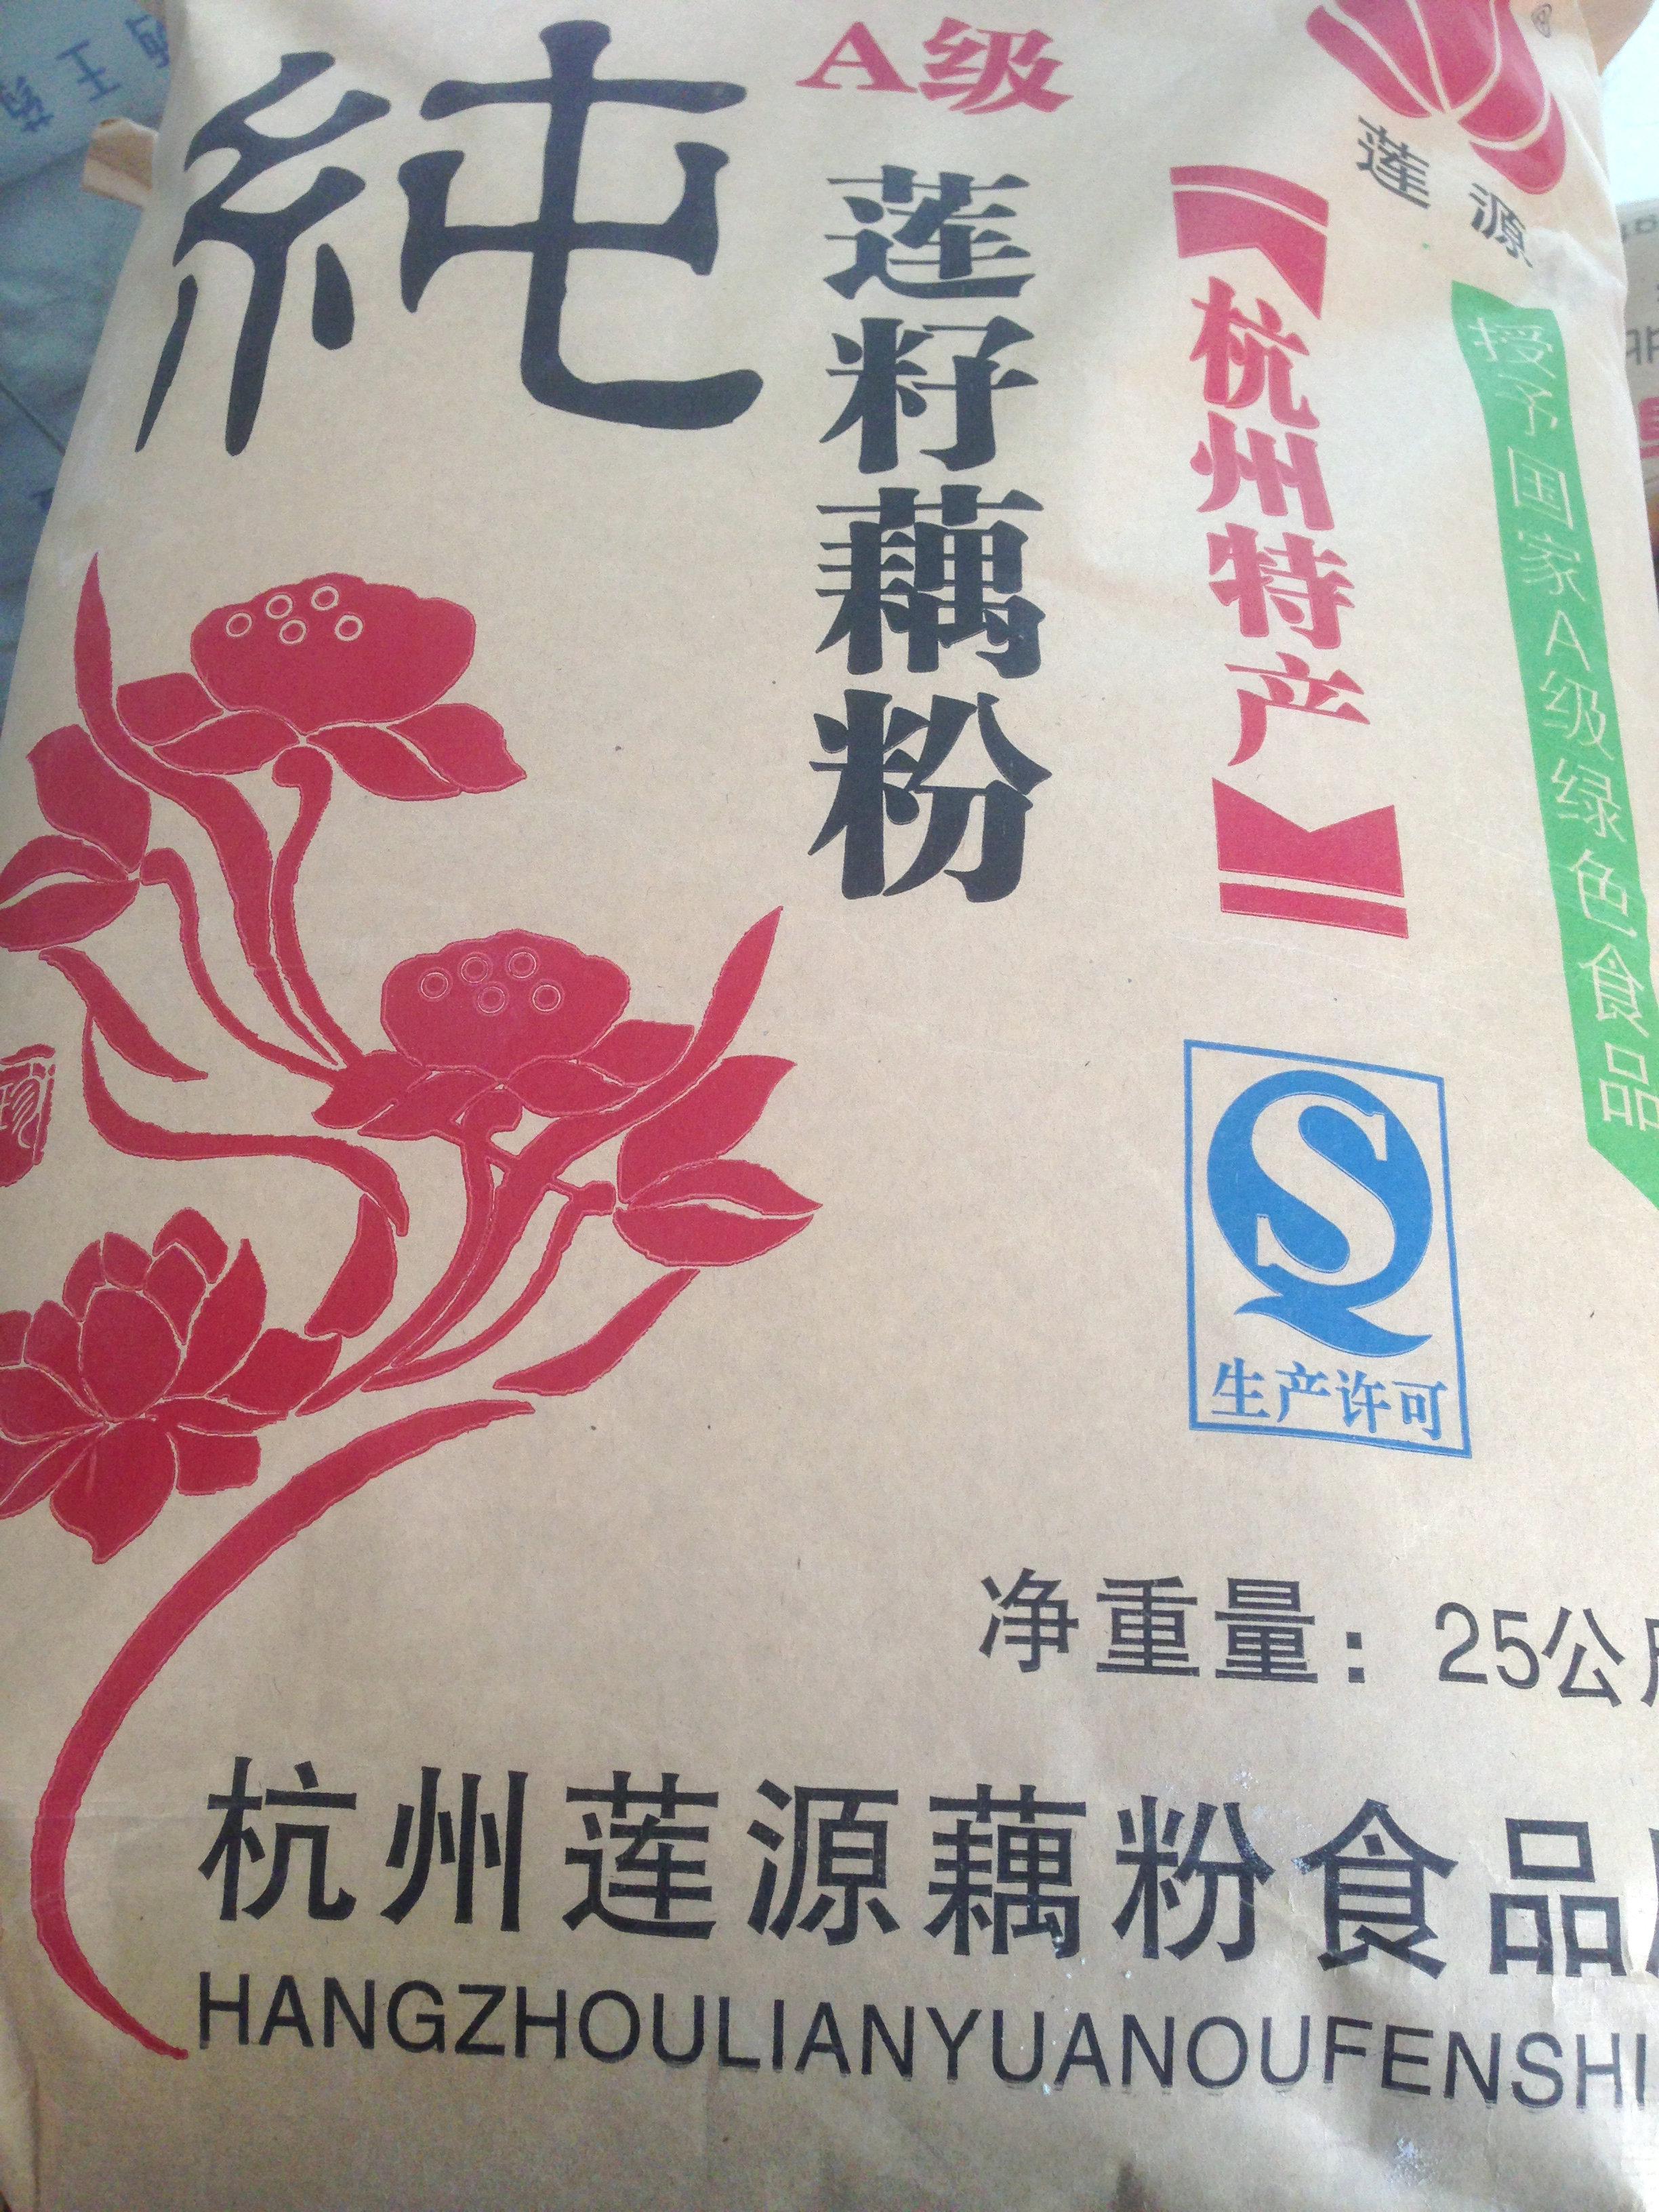 天然纯莲藕粉500g装 无添加无糖口味正宗 大包装25kg餐饮饮料专用